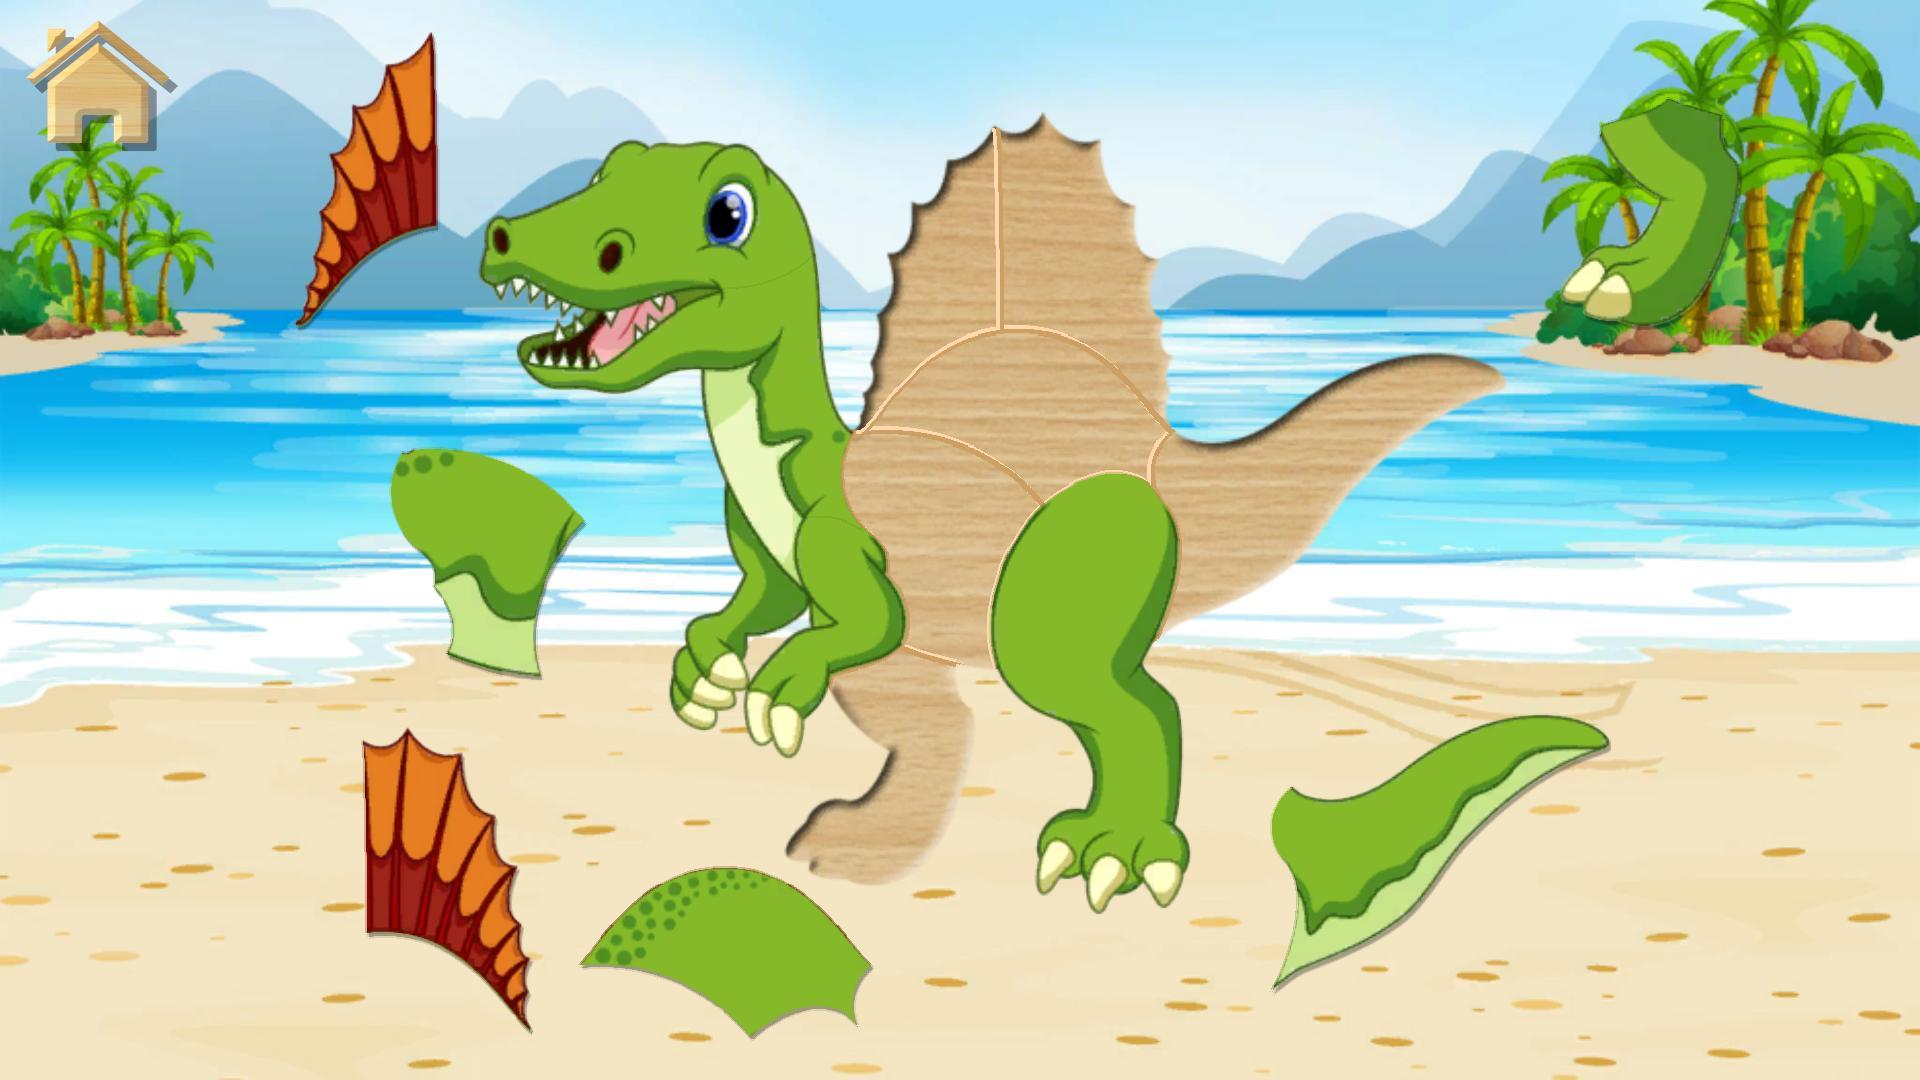 Dino Puzzle - Jeux Educatif Gratuit Pour Android pour Puzzle Facile Gratuit